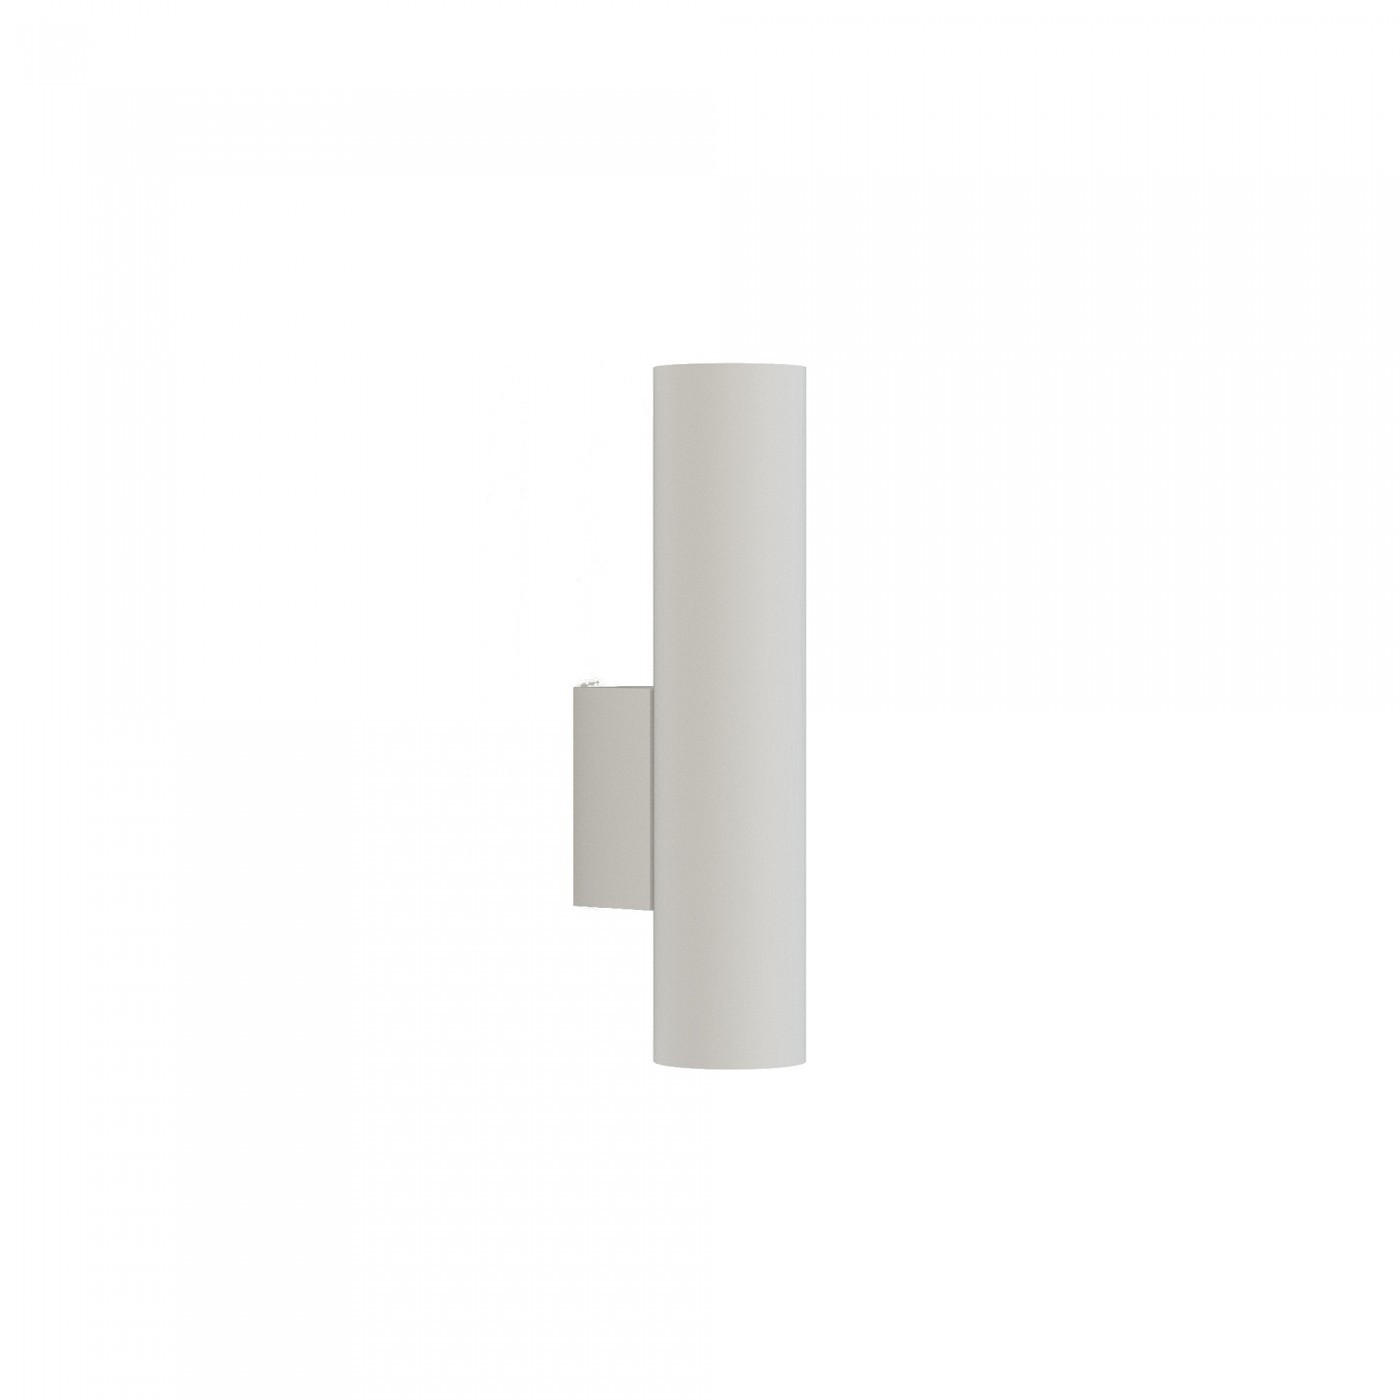 EYE WALL white 8073 Nowodvorski Lighting